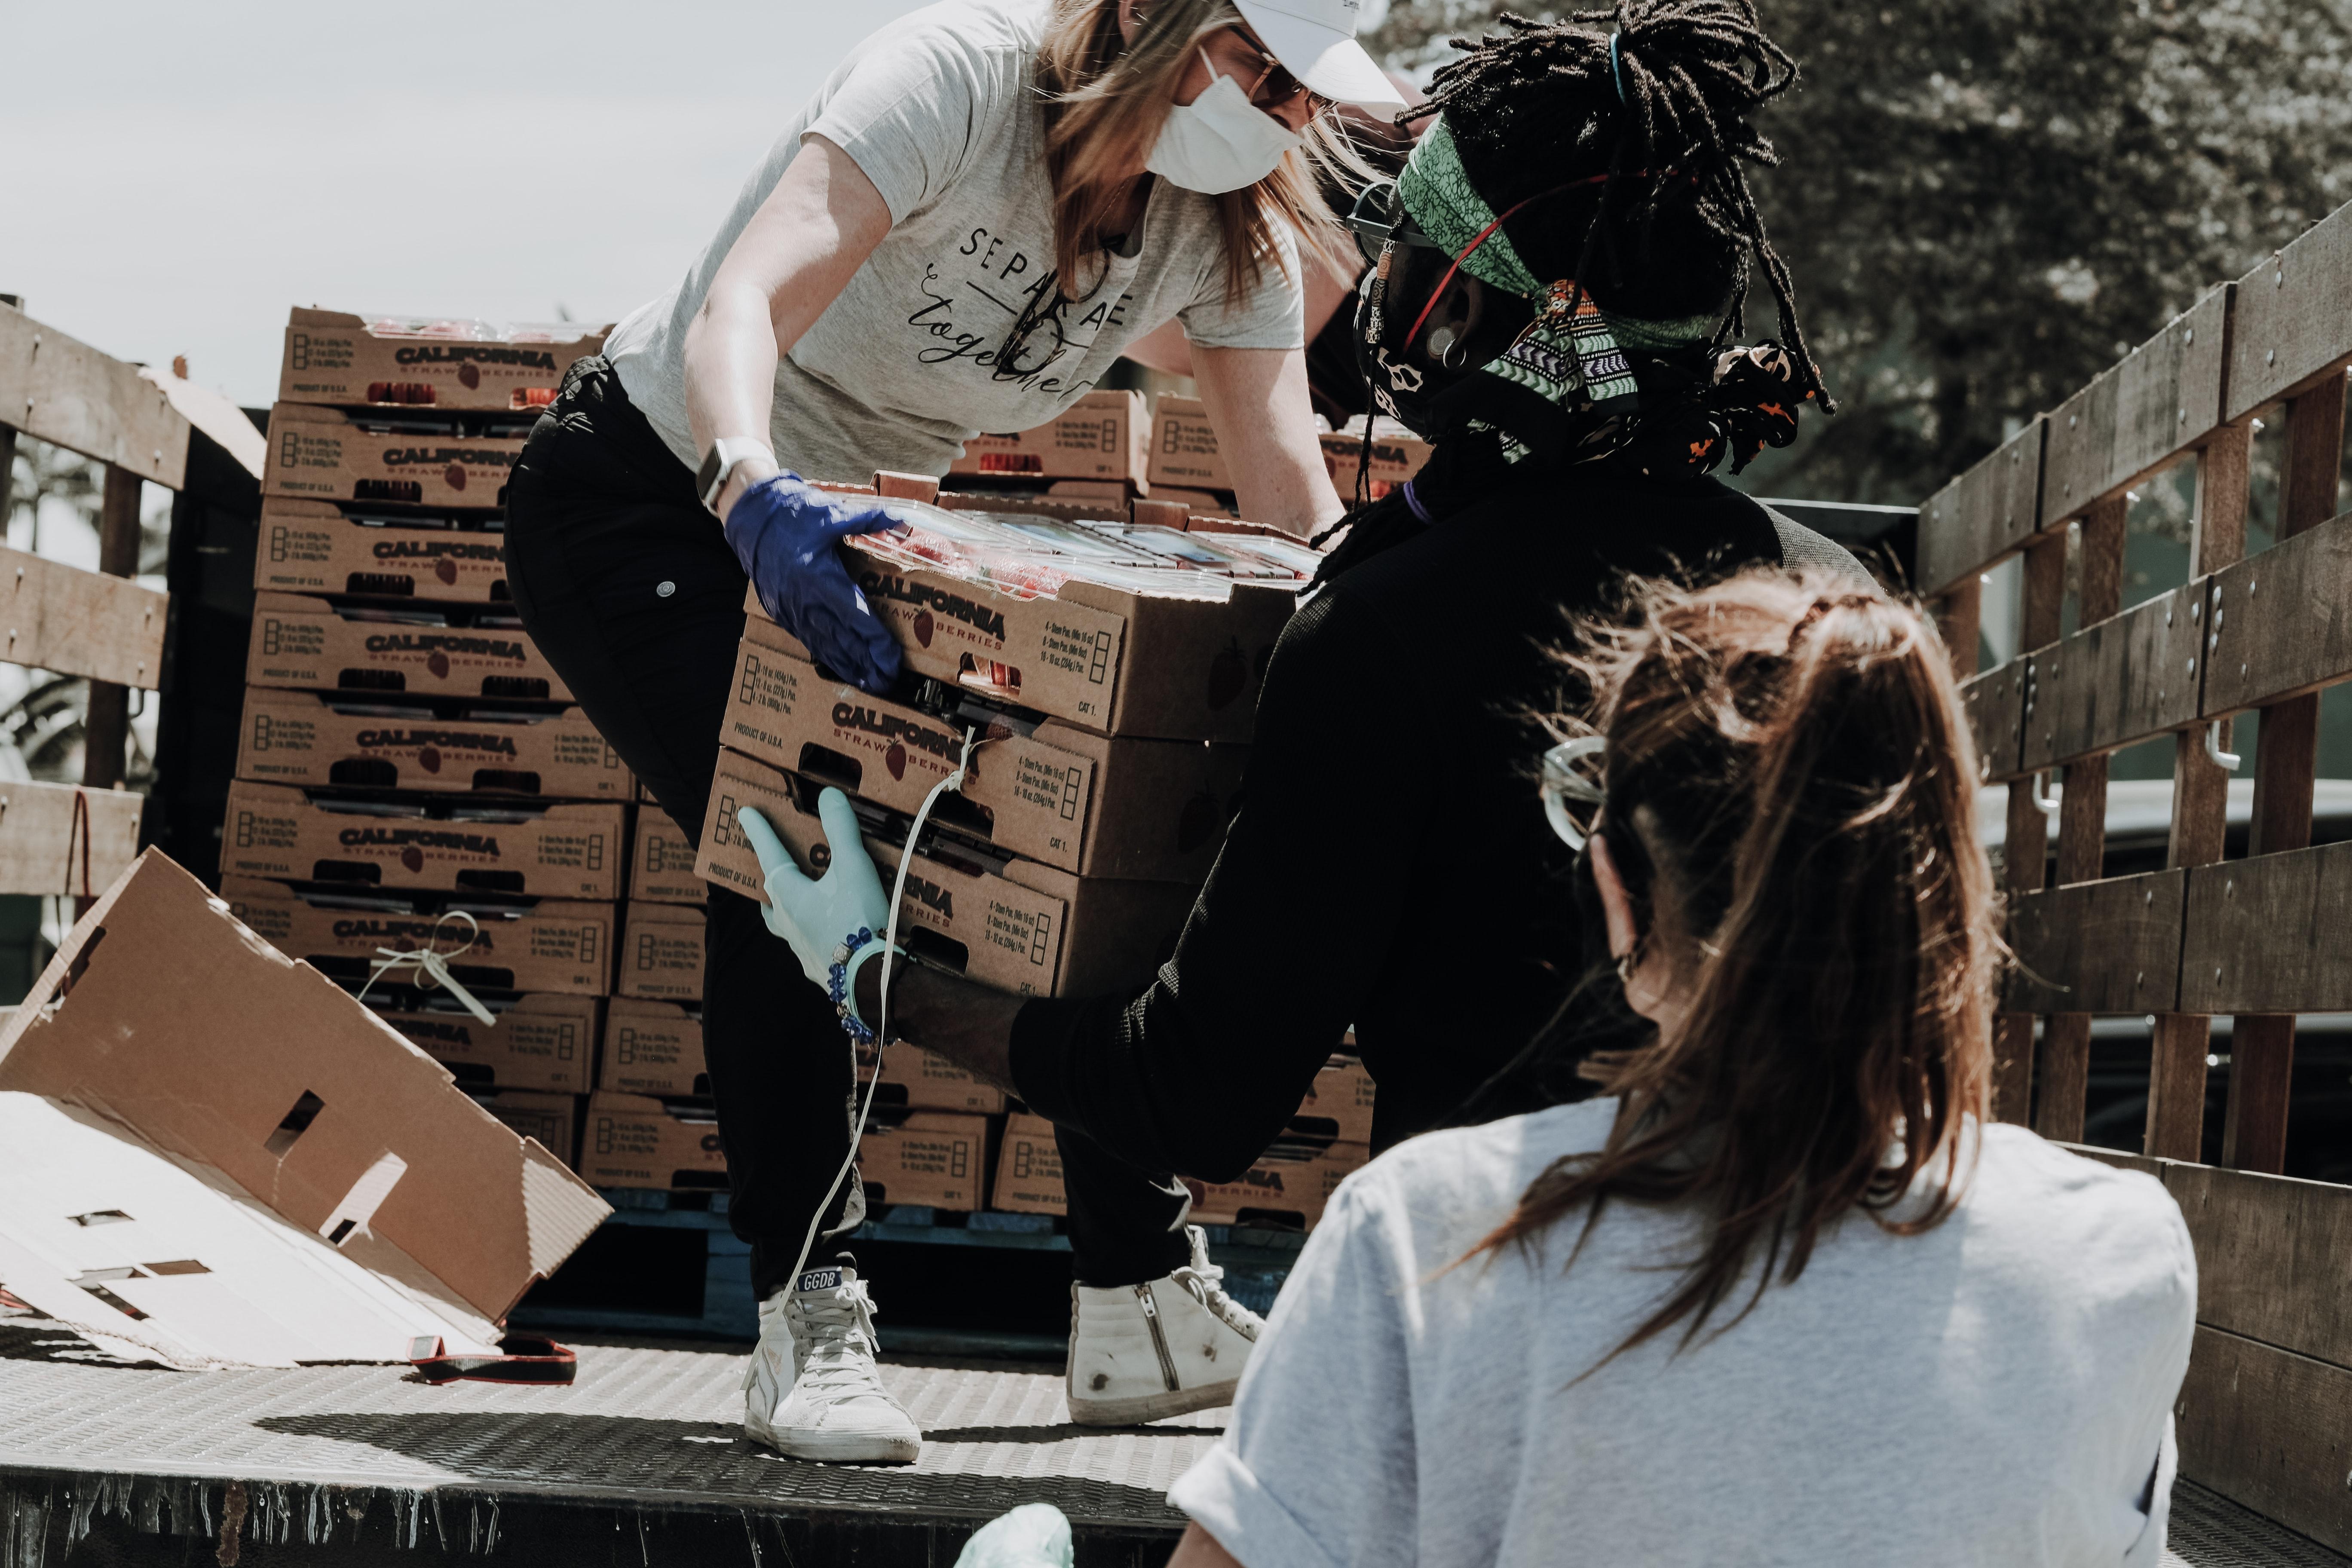 Volunteers helping unload a truck.